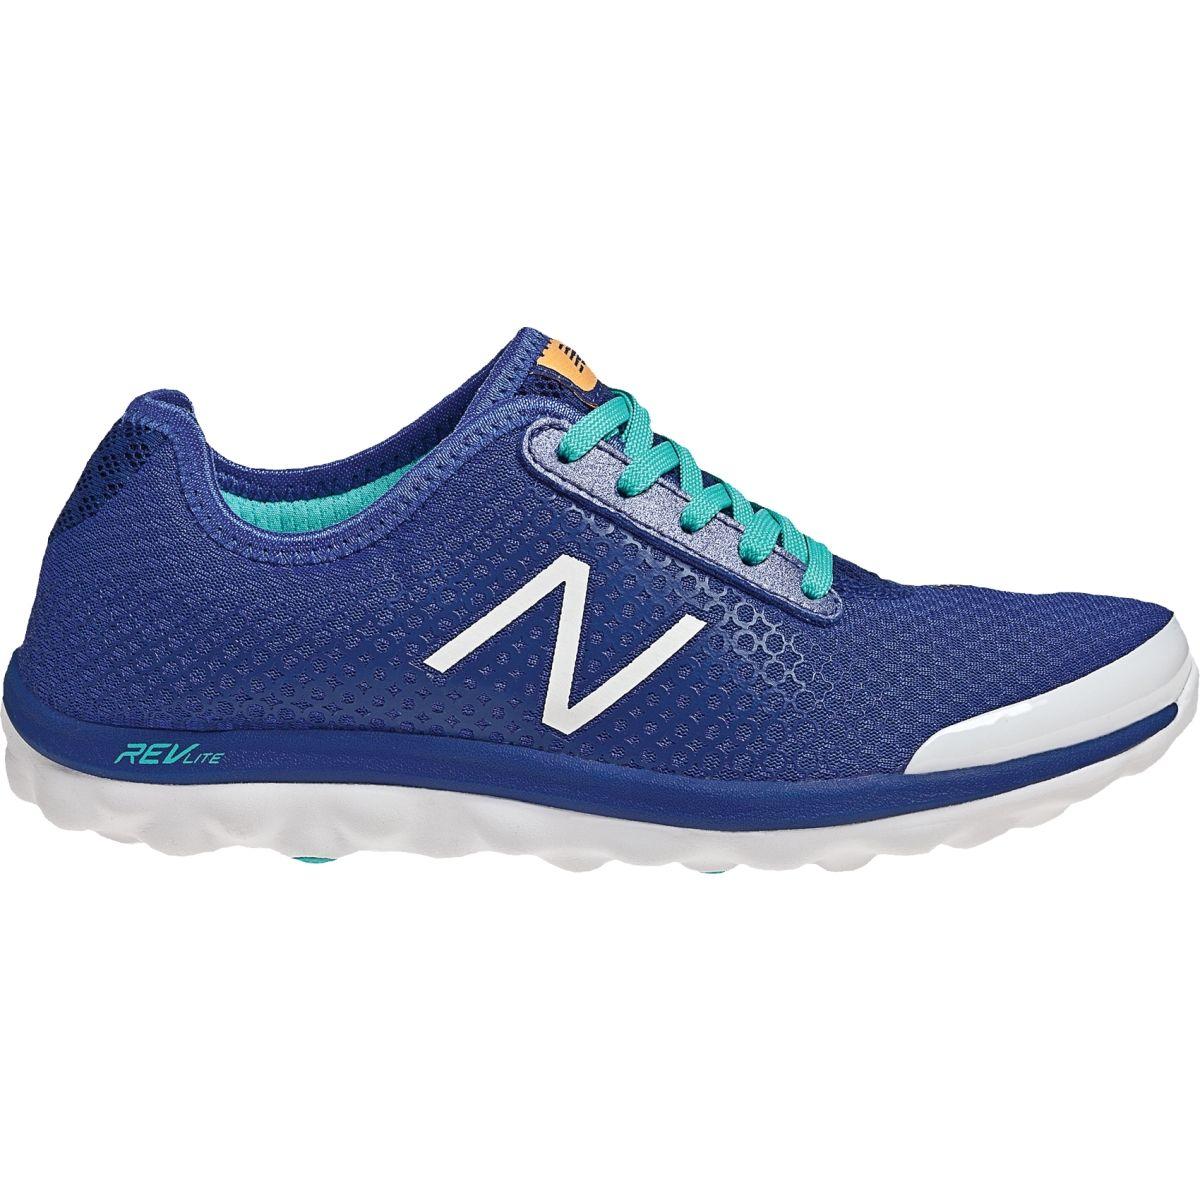 new balance ww895 d width wide walking shoes womens